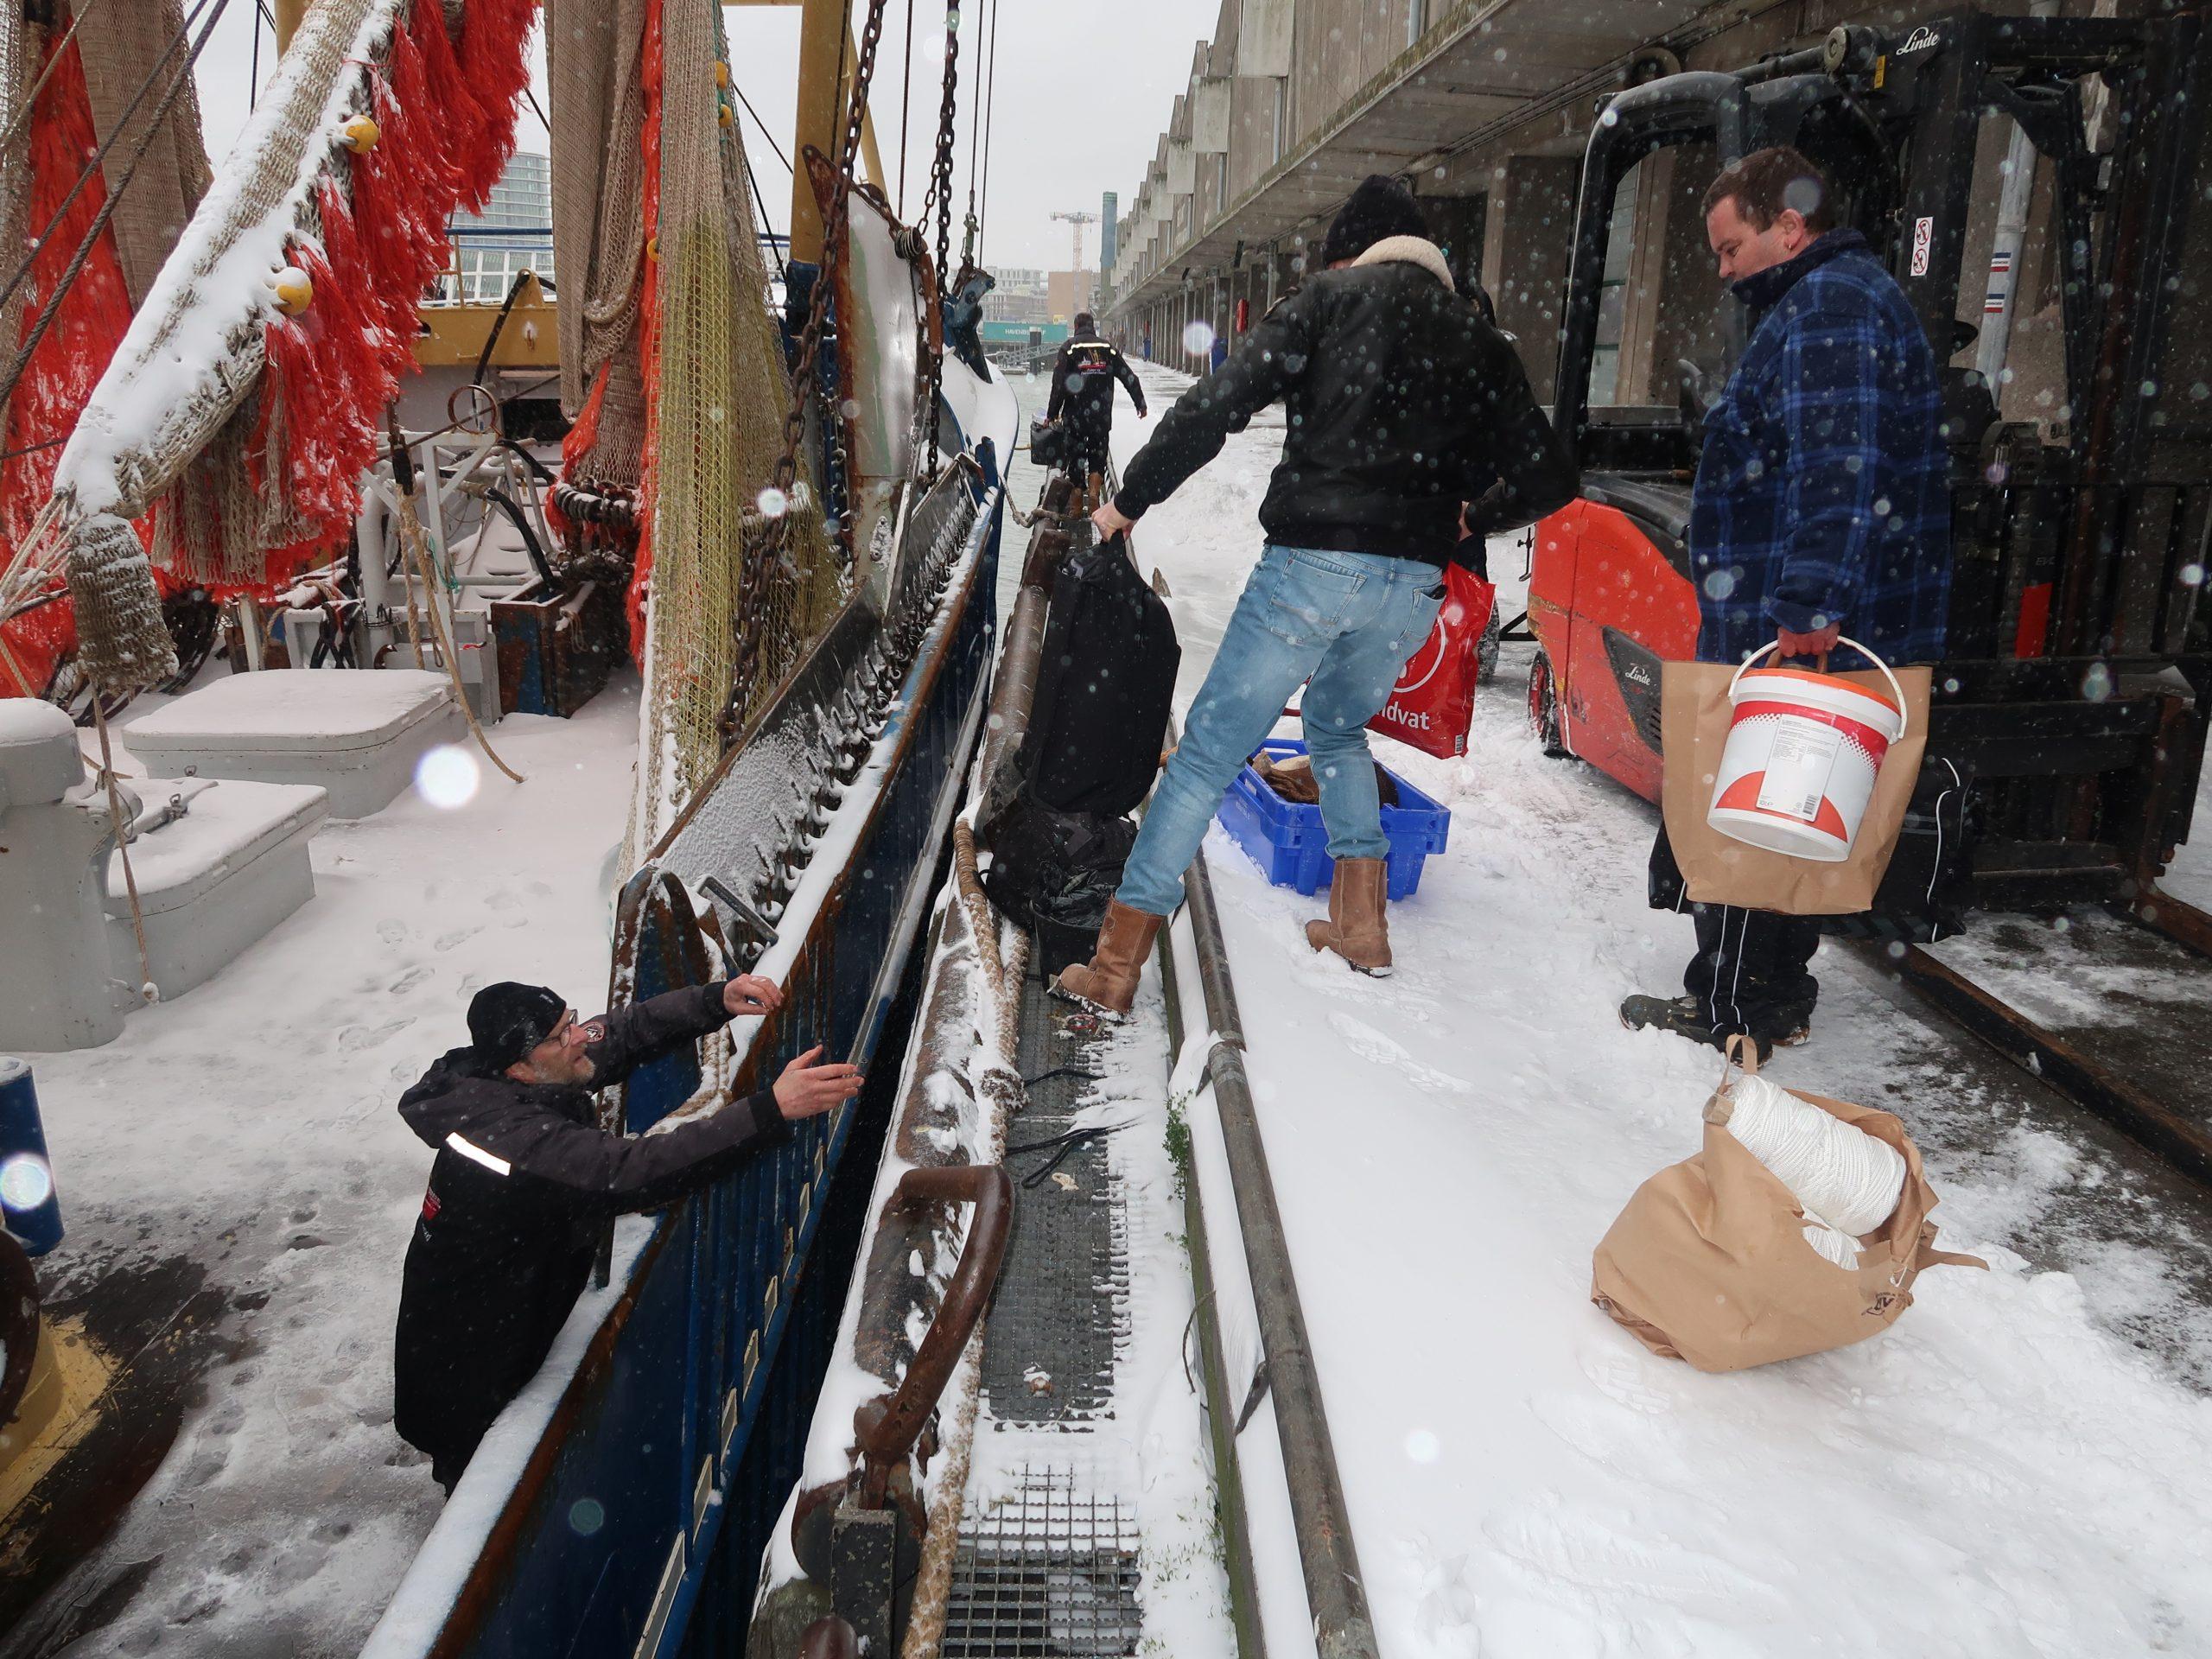 Op de foto geven bemanningsleden Henk Regtop en Dennis Boom (rechts) hun weekendtassen aan schipper Pieter-Aris van der Vis, die reeds in het gangboord staat. (Foto W.M. den Heijer)